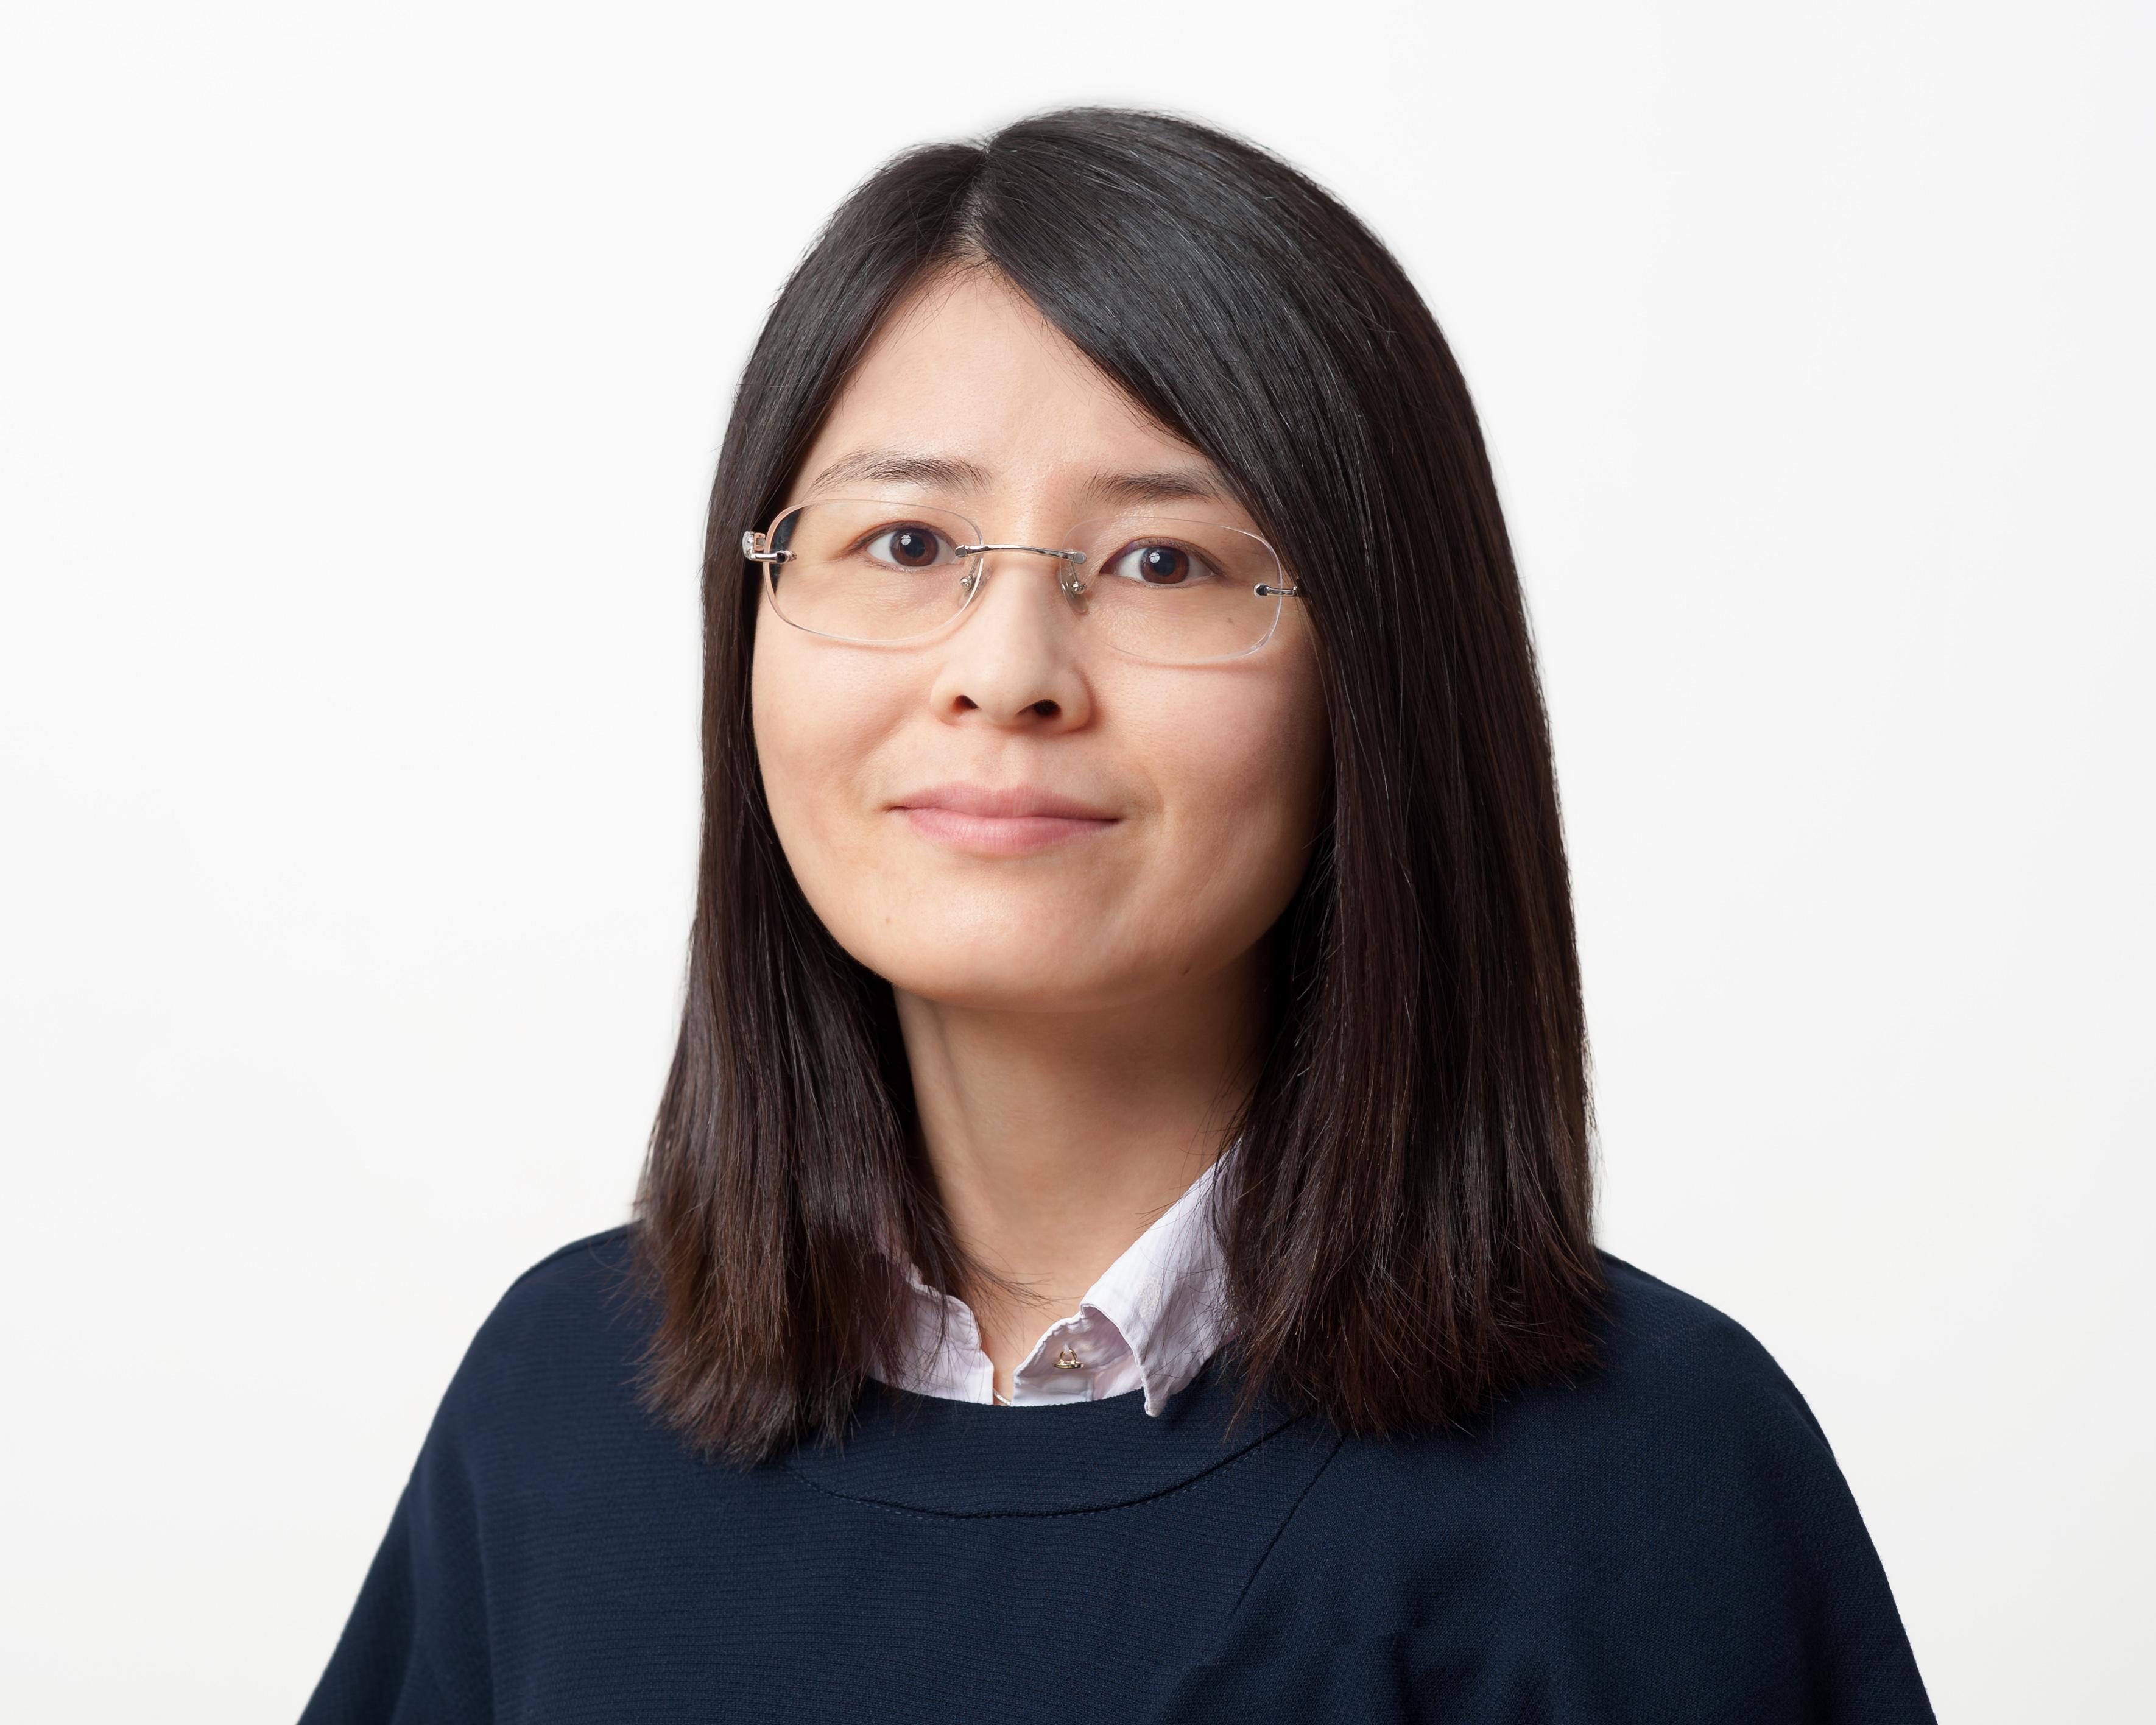 李飛飛之后谷歌再失大將,AI中國中心總裁李佳離職